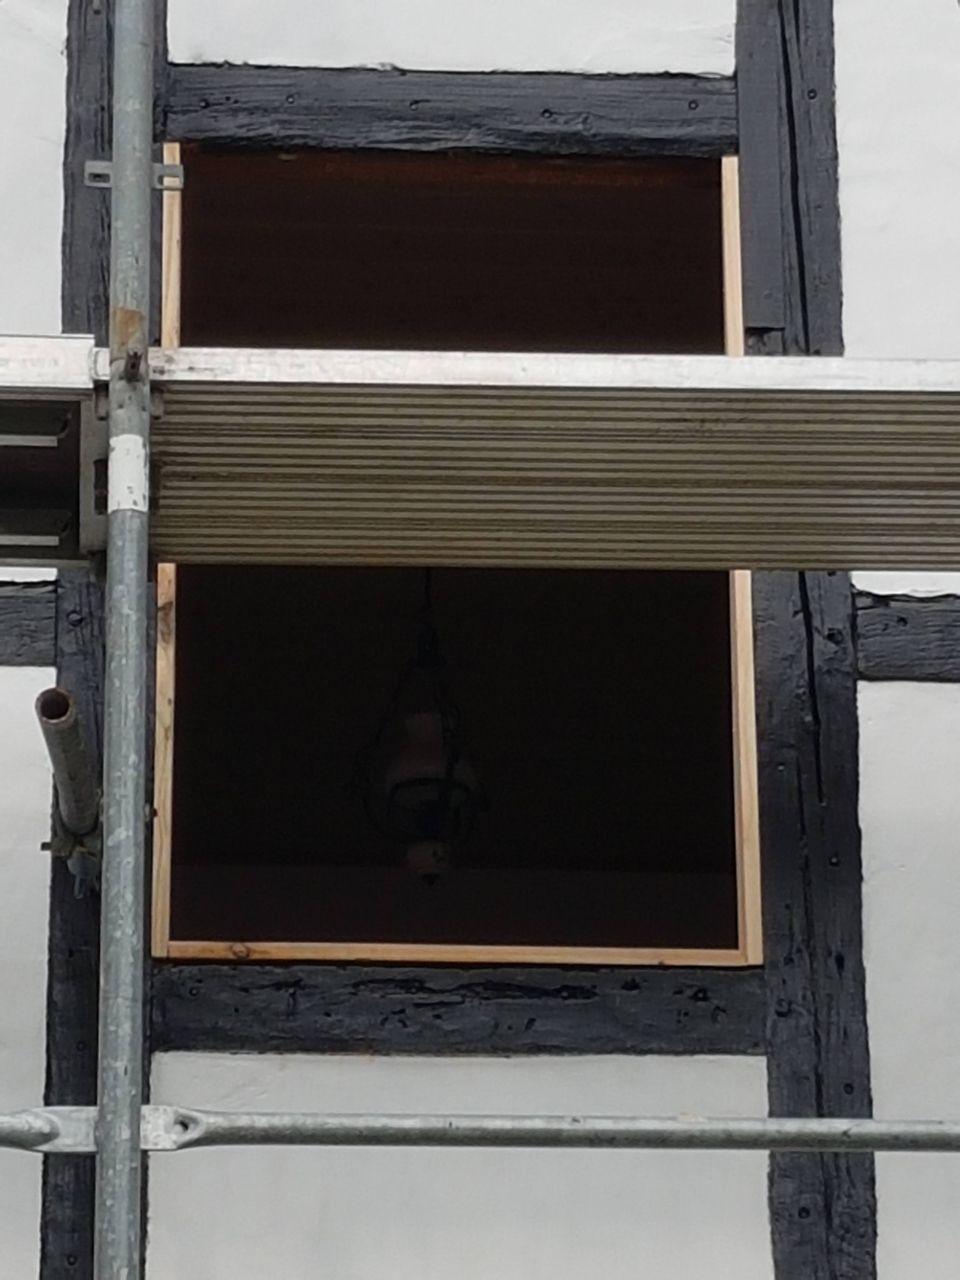 Full Size of Fenster Rahmen Im Fachwerkhaus Erneuern Bauanleitung Zum Kosten Bad Wohnzimmer Fensterfugen Erneuern